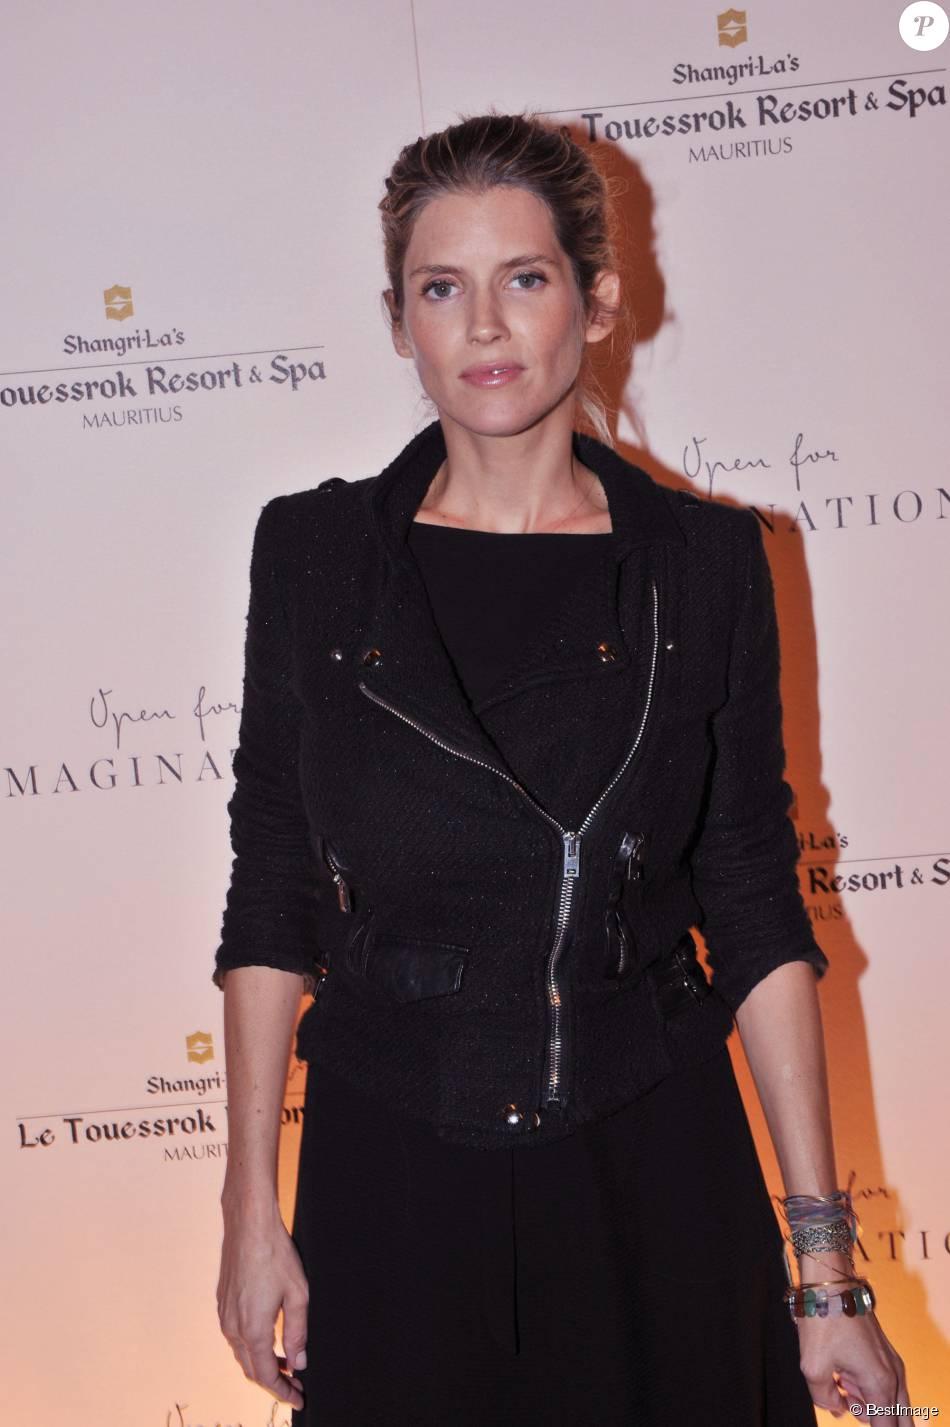 Alice Taglioni enceinte - Soirée à l'hôtel Shangri-La de Paris pour présenter la réouverture prochaine (le 1er novembre 2015) de l'hôtel Shangri-La's Le Touessrok Resort & Spa à l'île Maurice, le 22 septembre 2015.